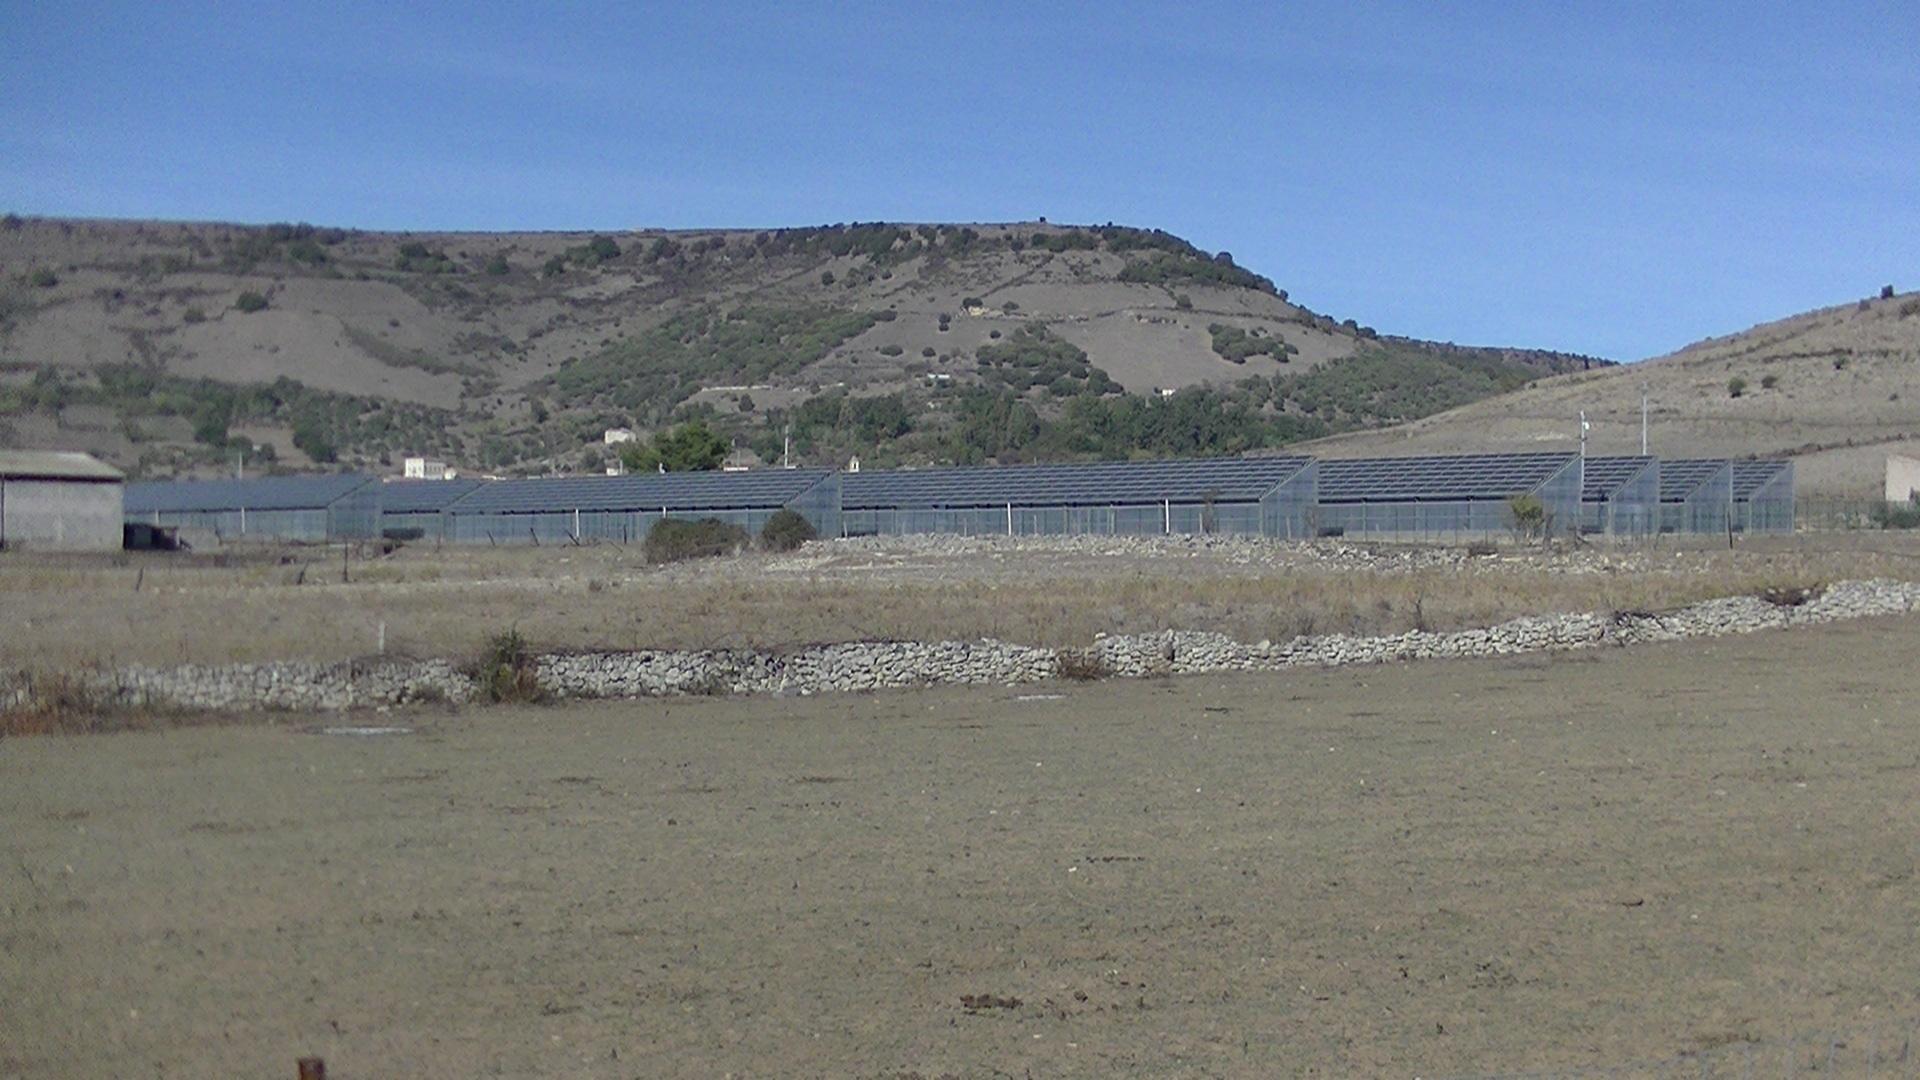 Truffa fotovoltaico, GdF sequestra 7 mlm